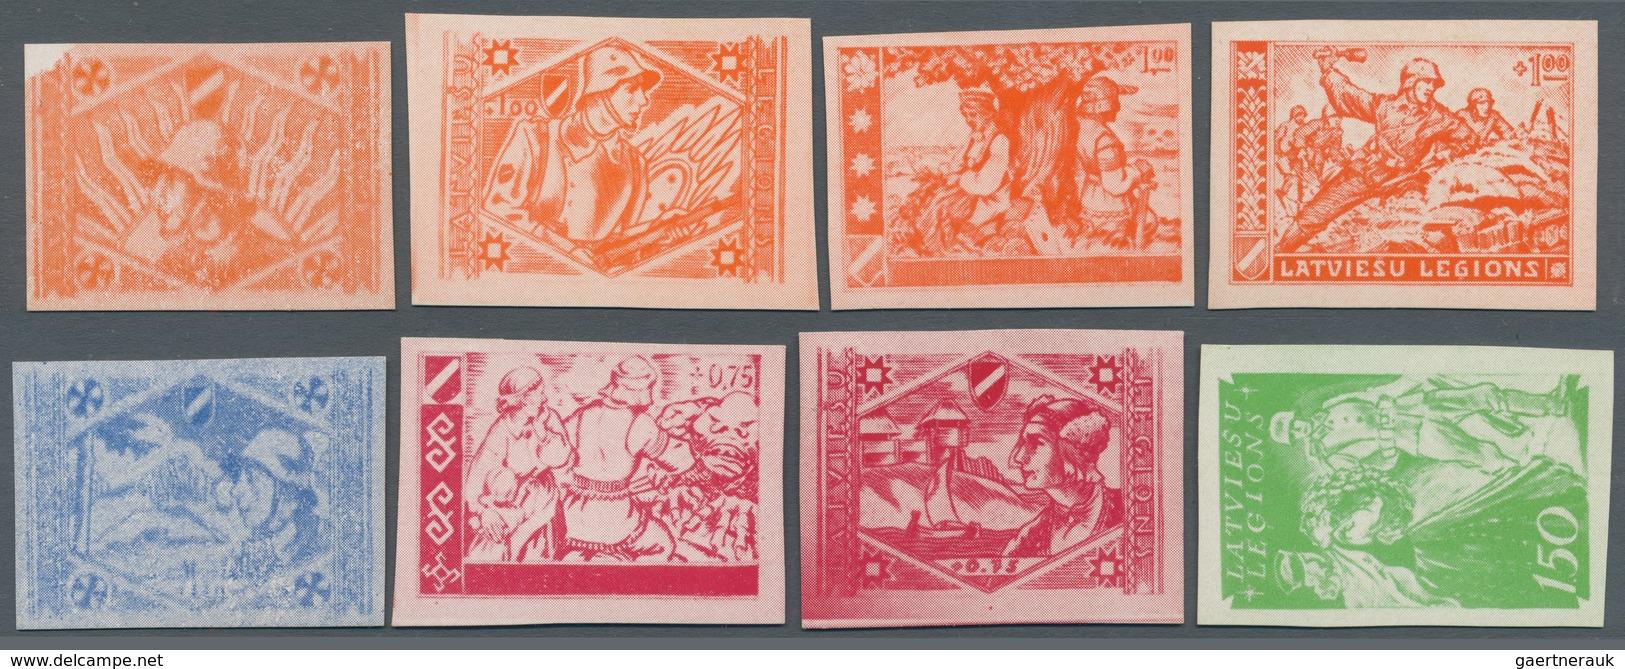 """Lettland - Besonderheiten: 1943/1944, """"LATVIESU LEGIONS"""", Group With 7 Different Imperforated Essays - Lettland"""